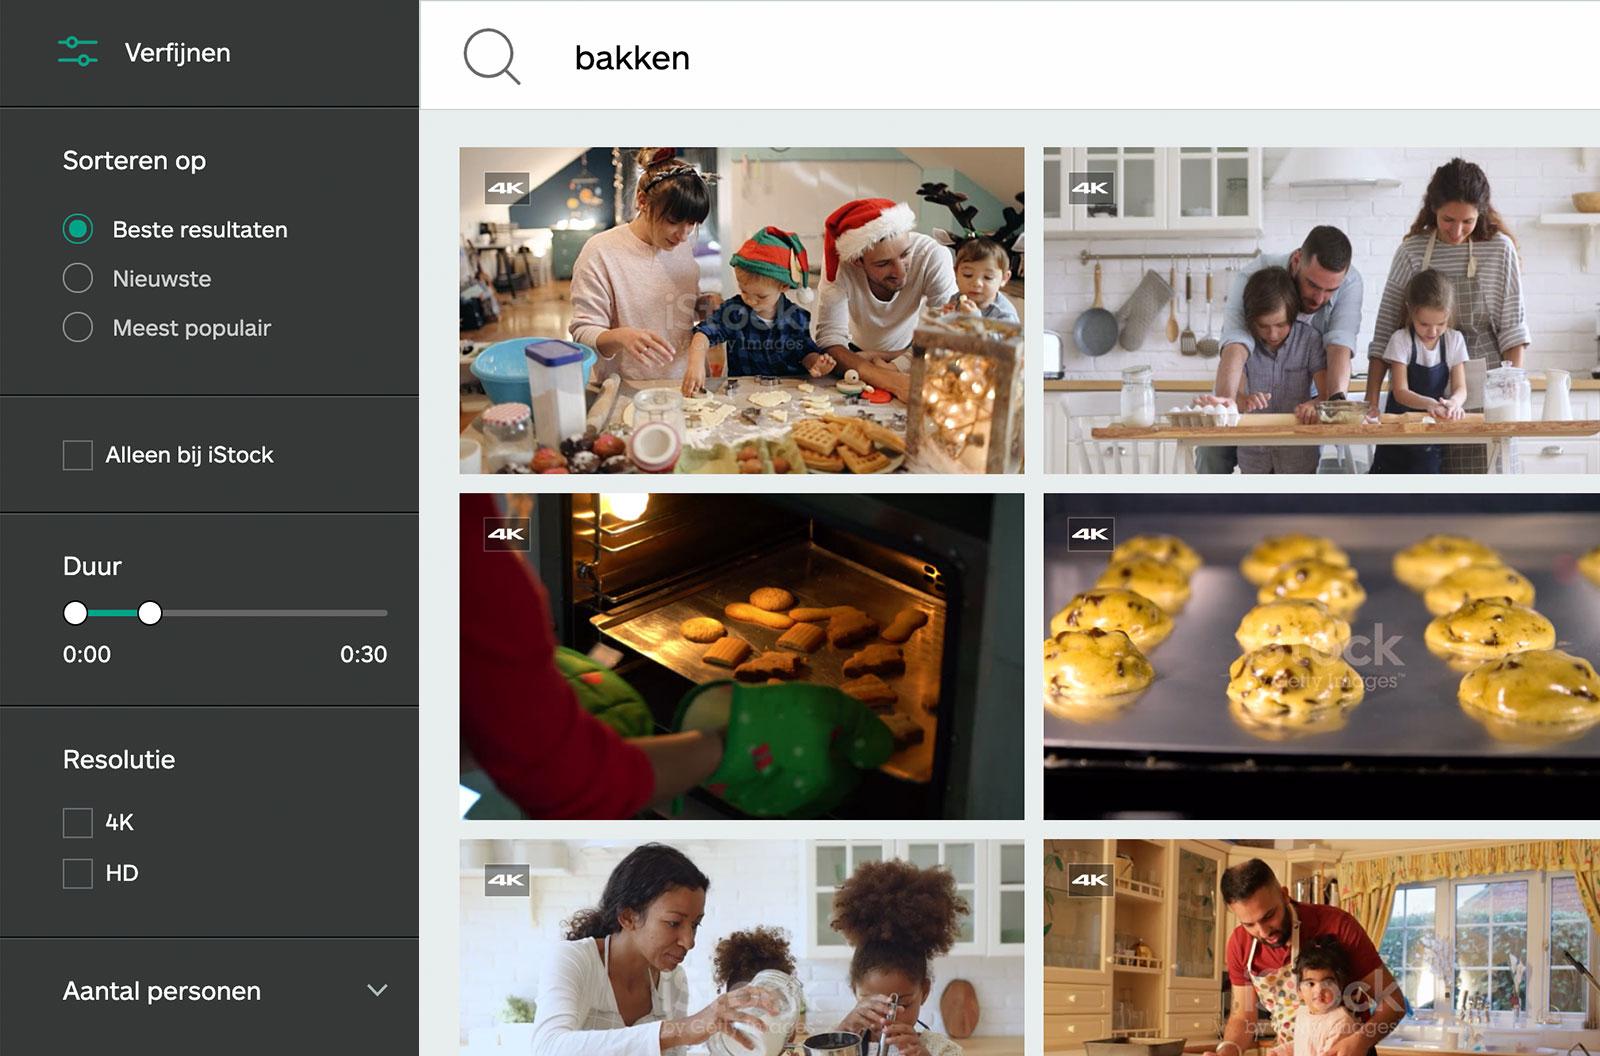 Screenshot van zoekresultaten voor bakvideo